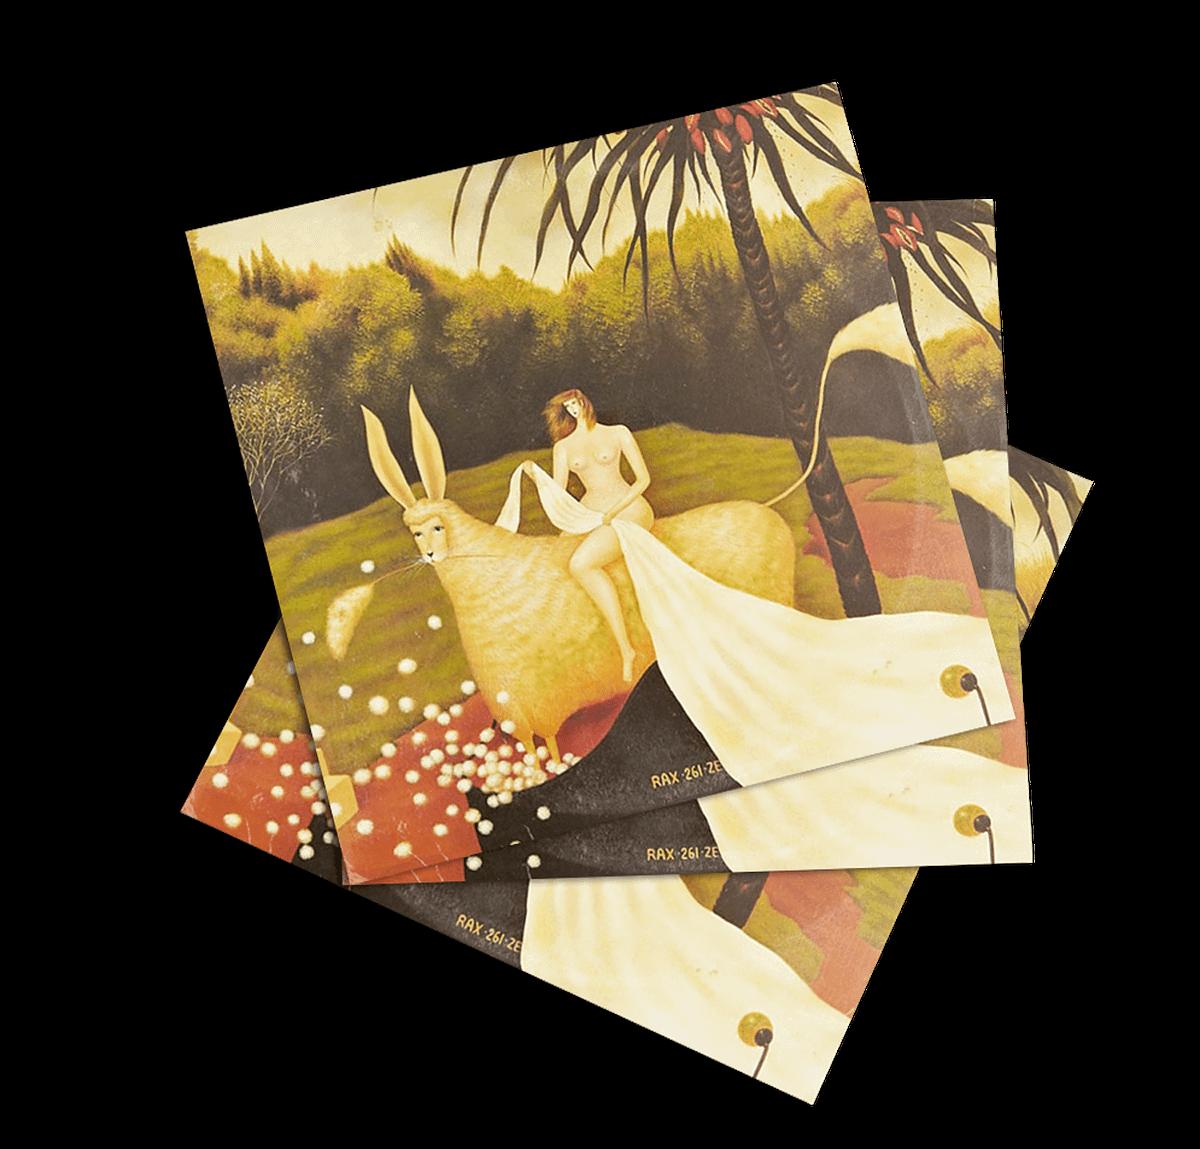 Потерянная эмбиент классика Midori Takada «Through The Looking Glass» получит долгожданное виниловое переиздание 1